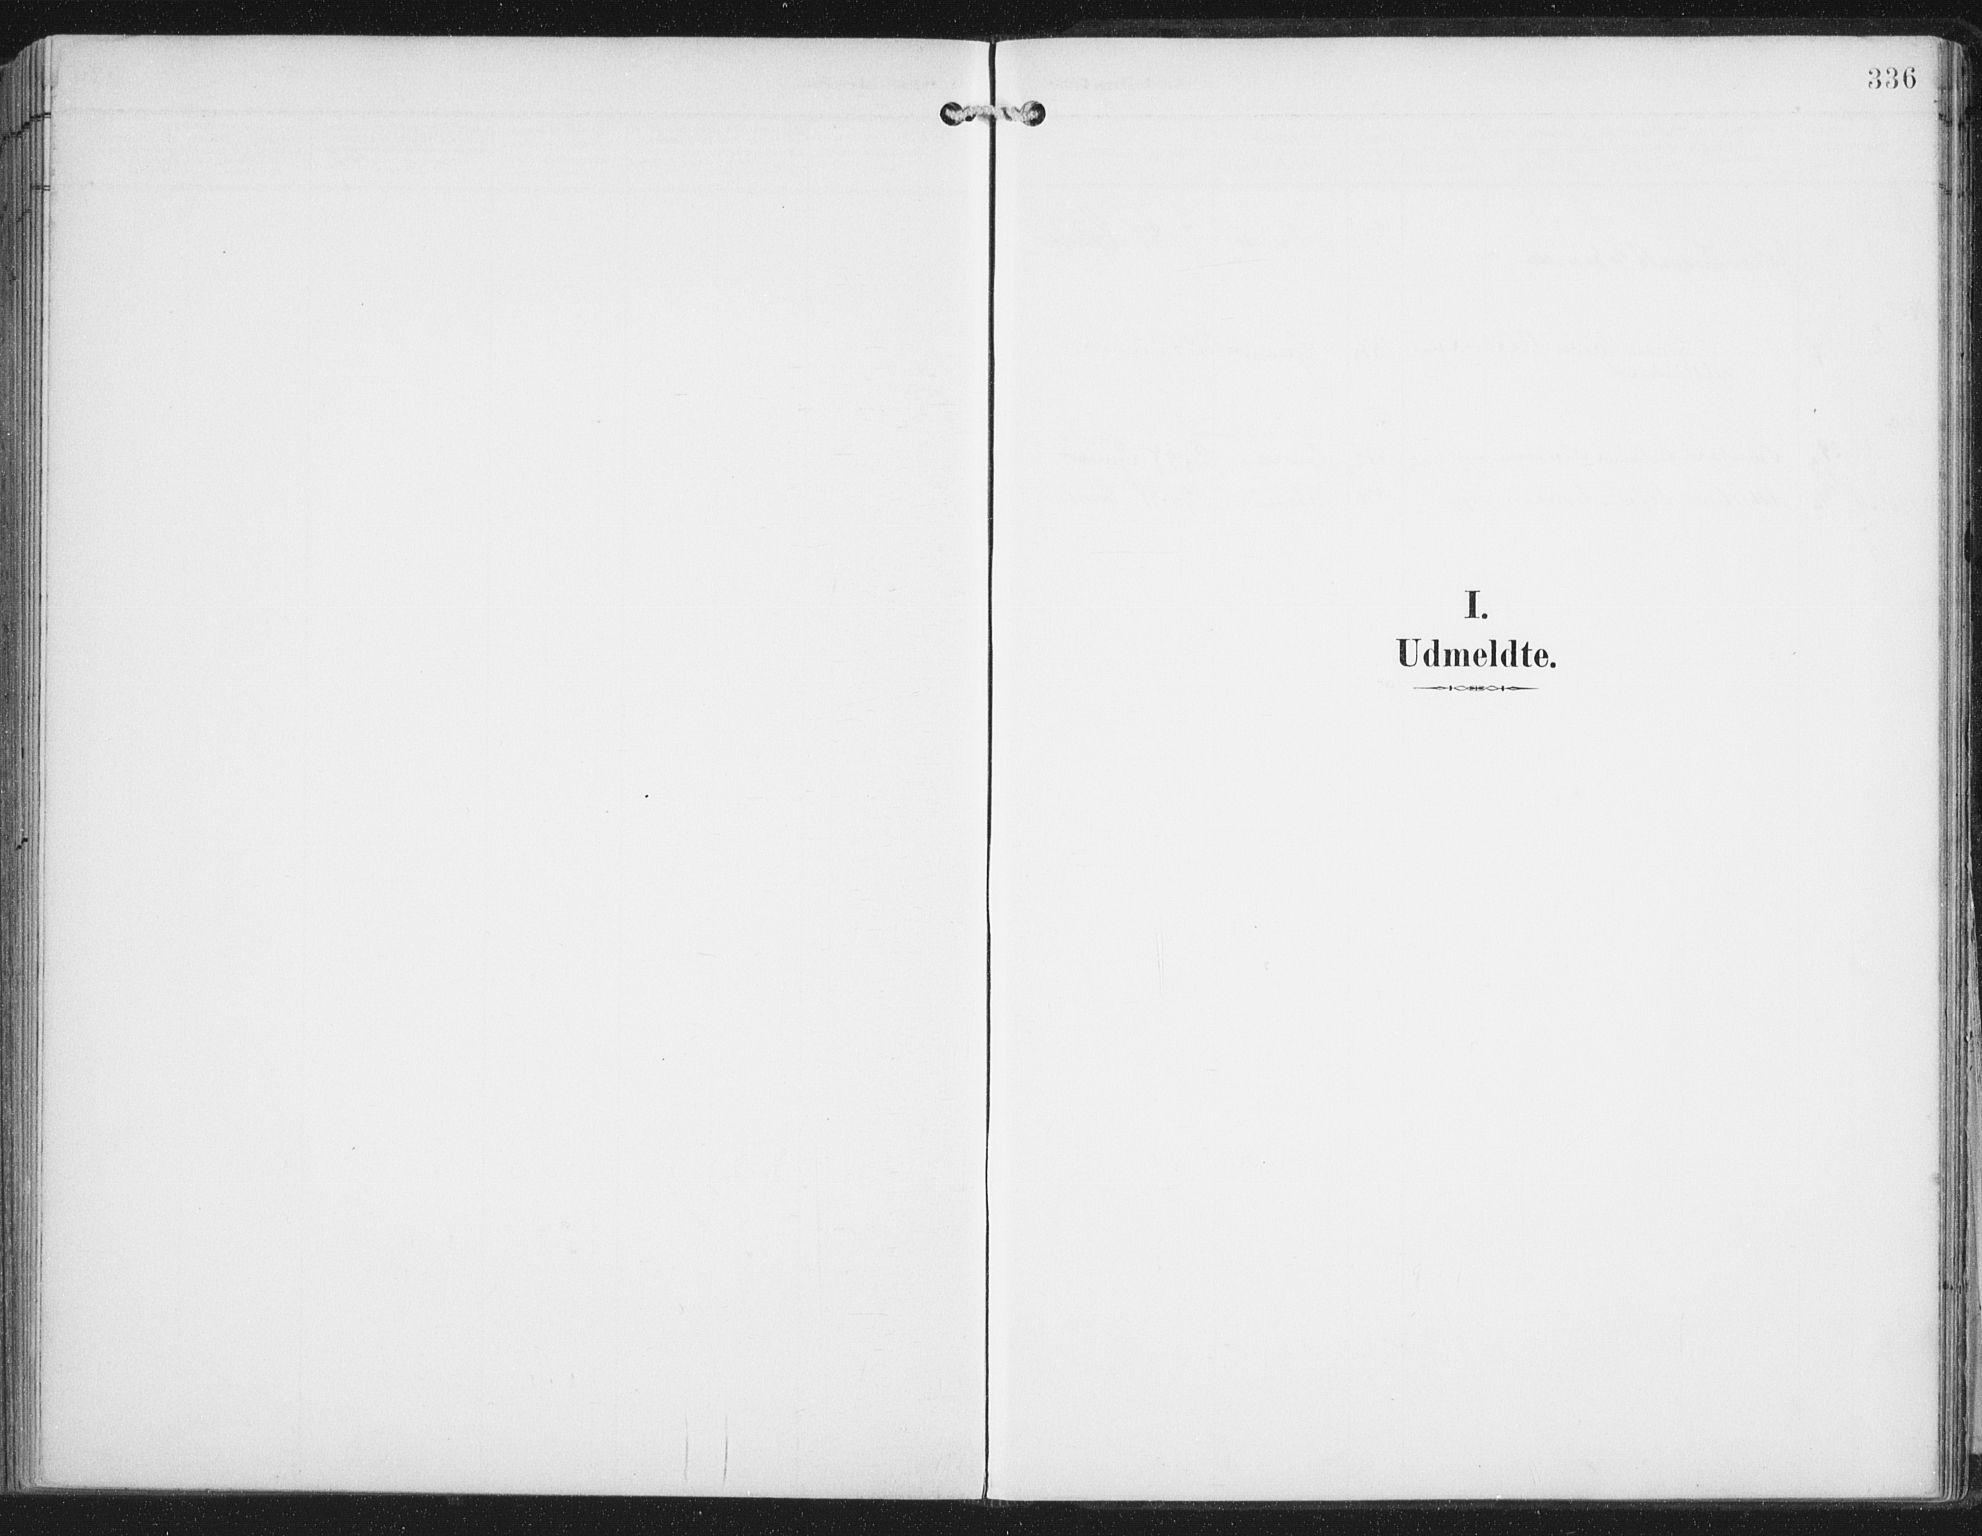 SAT, Ministerialprotokoller, klokkerbøker og fødselsregistre - Nordland, 876/L1098: Parish register (official) no. 876A04, 1896-1915, p. 336